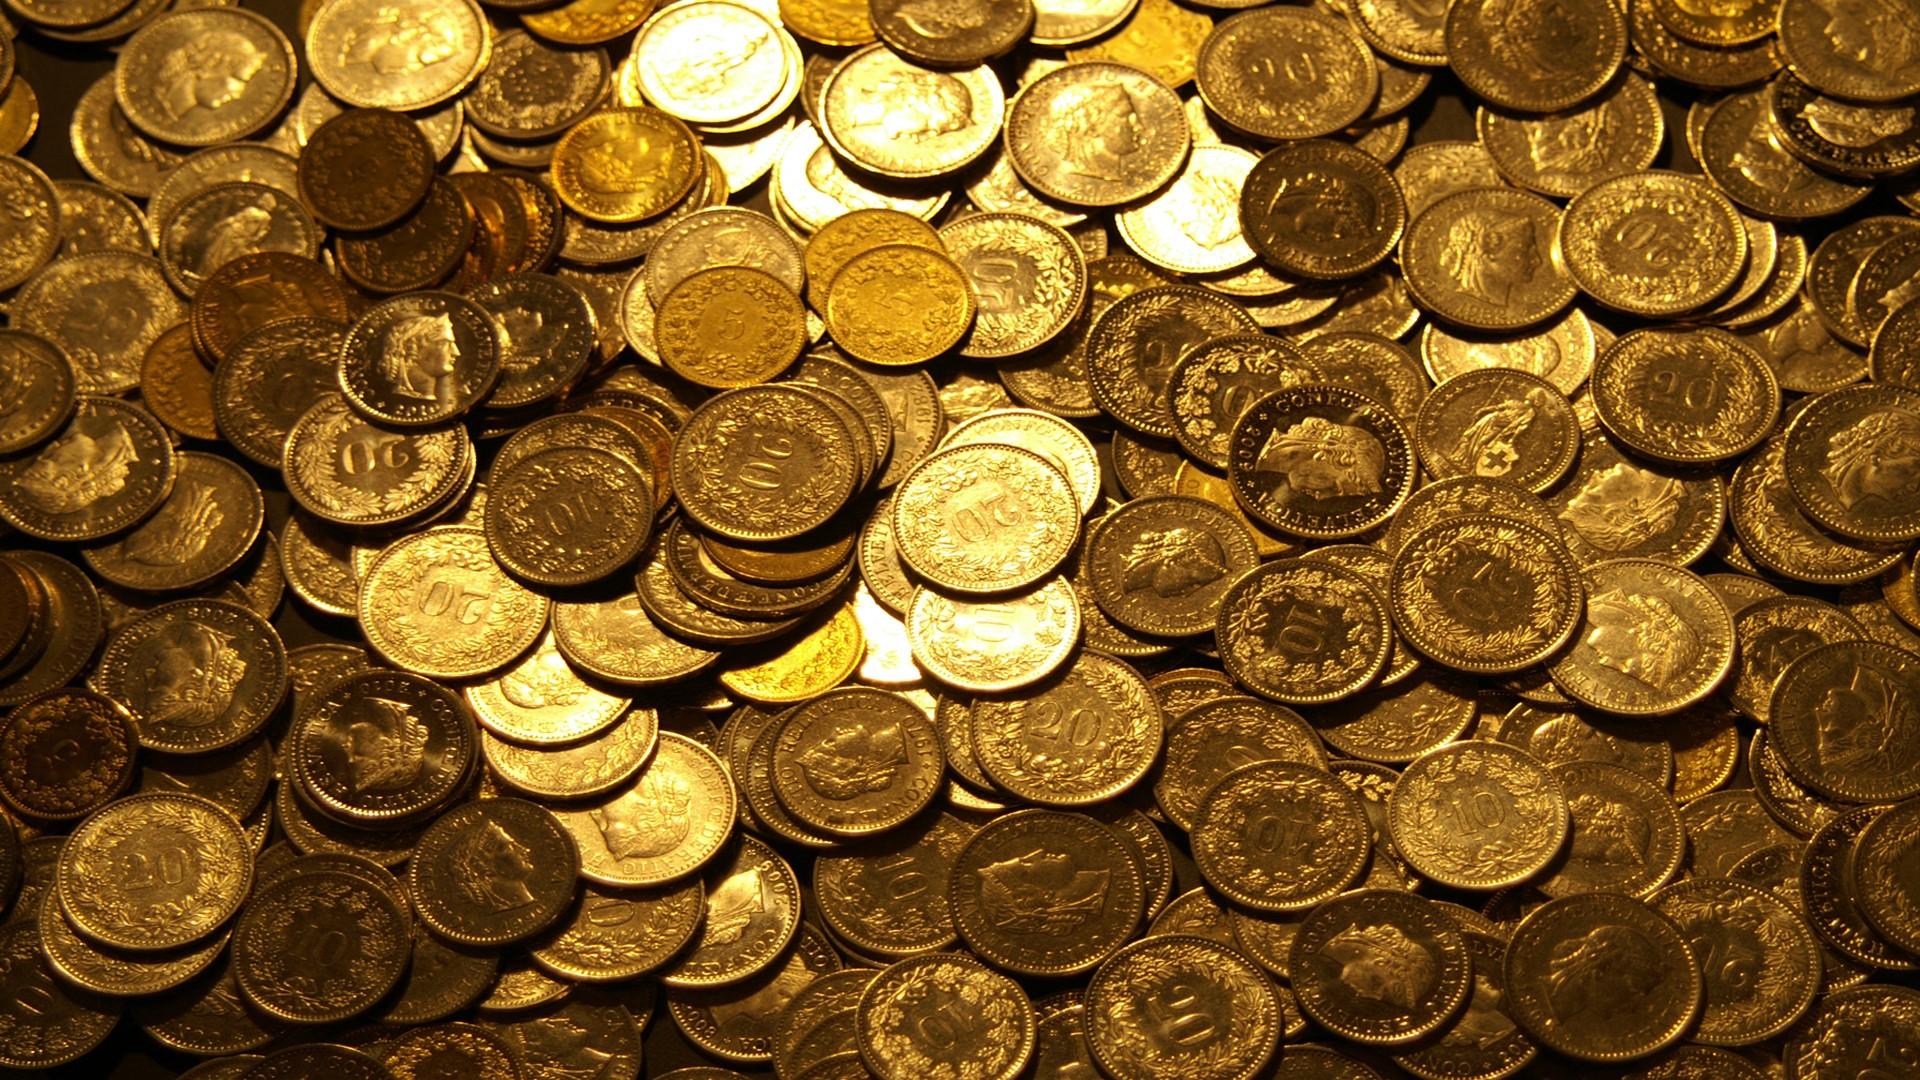 Coins Money Wallpaper Computer Desktop 4641675 10974 Wallpaper Cool 1920x1080